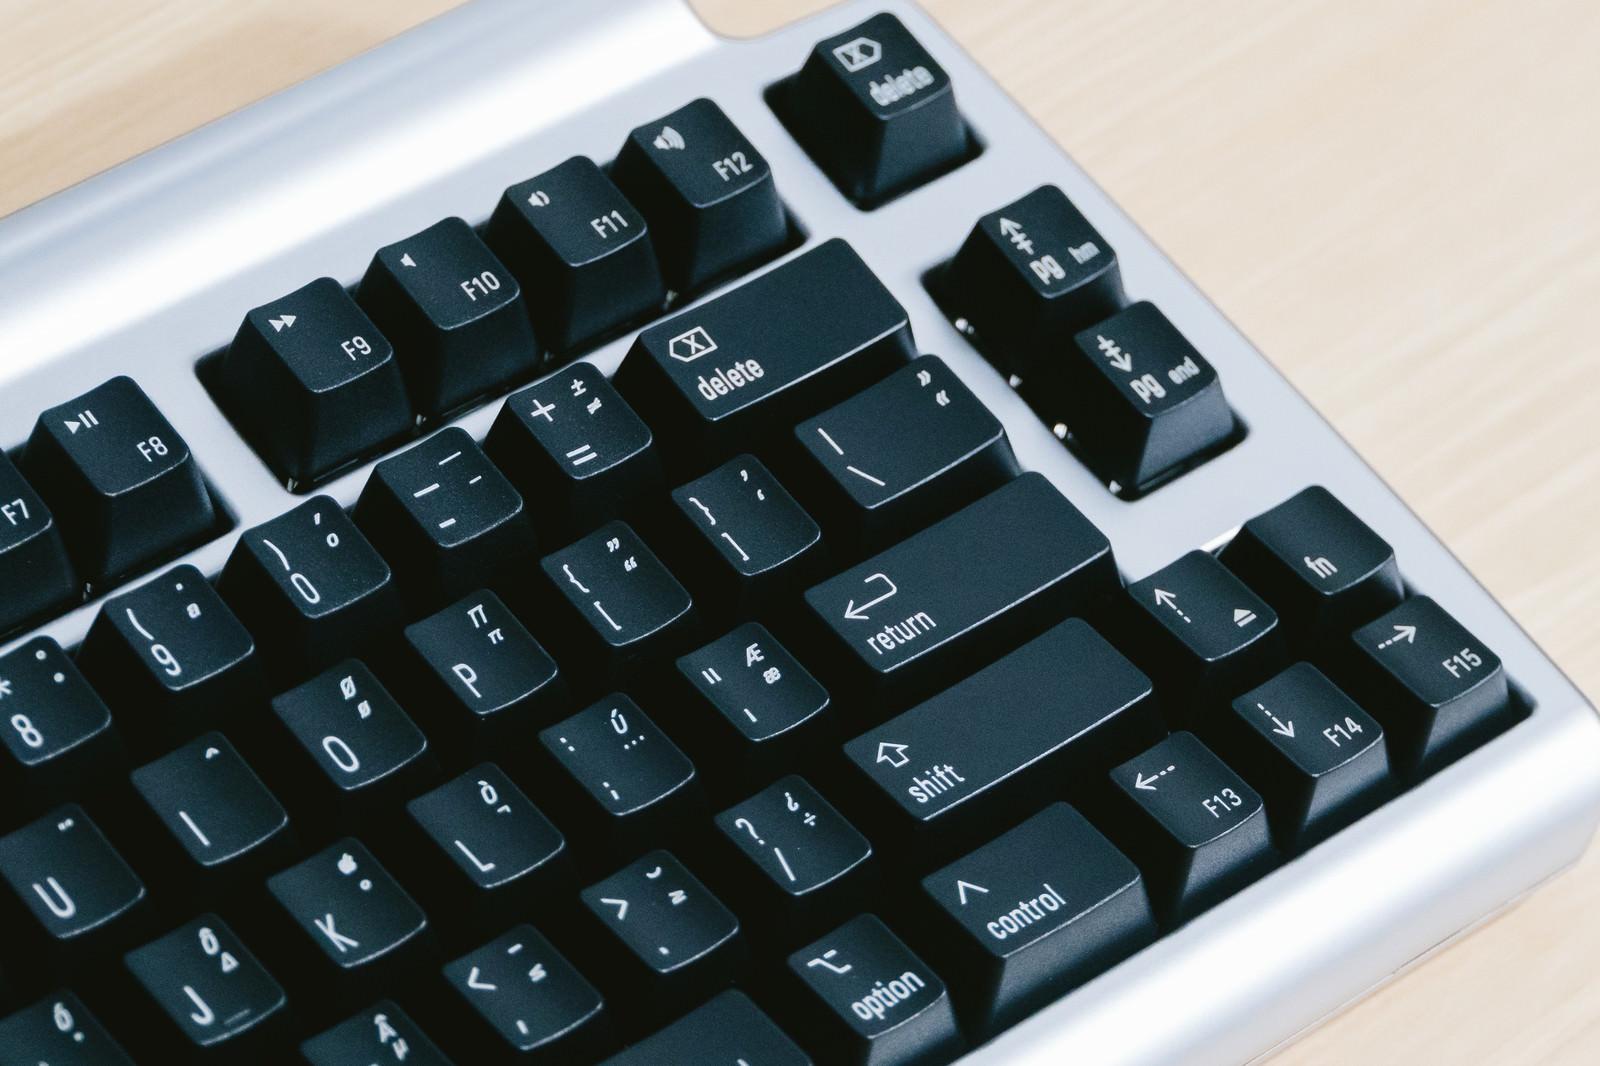 「キースイッチが黒いキーボードキースイッチが黒いキーボード」のフリー写真素材を拡大